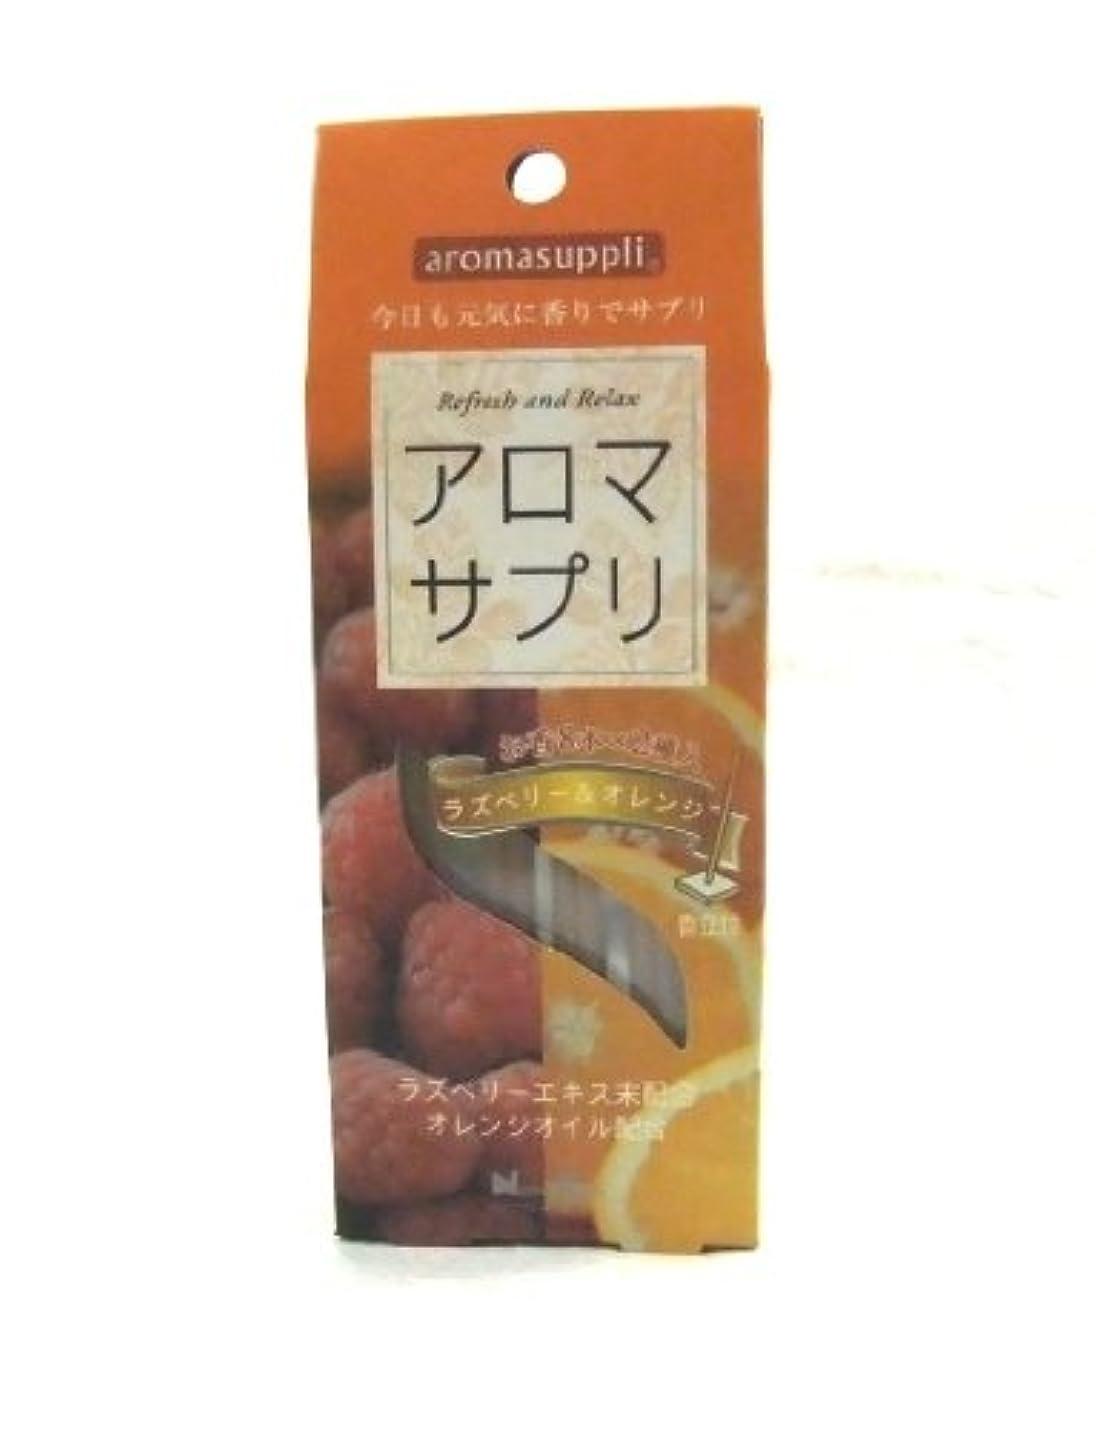 縫い目種ドライブお香 アロマサプリ<ラズベリー&オレンジ> 2種類の香り× 各8本入 香立付